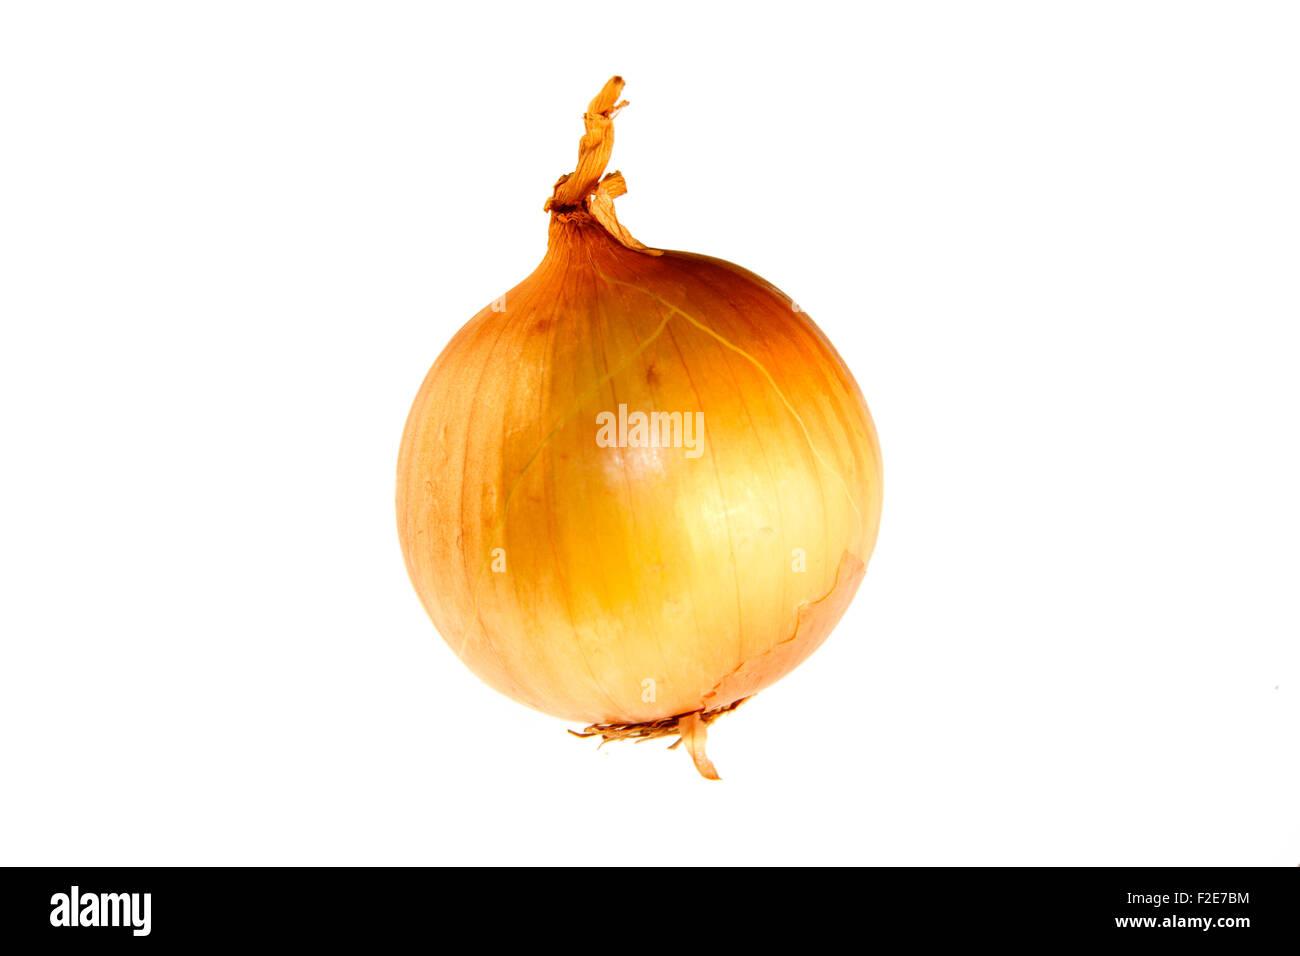 Zwiebel - Symbolbild Nahrungsmittel. Stock Photo